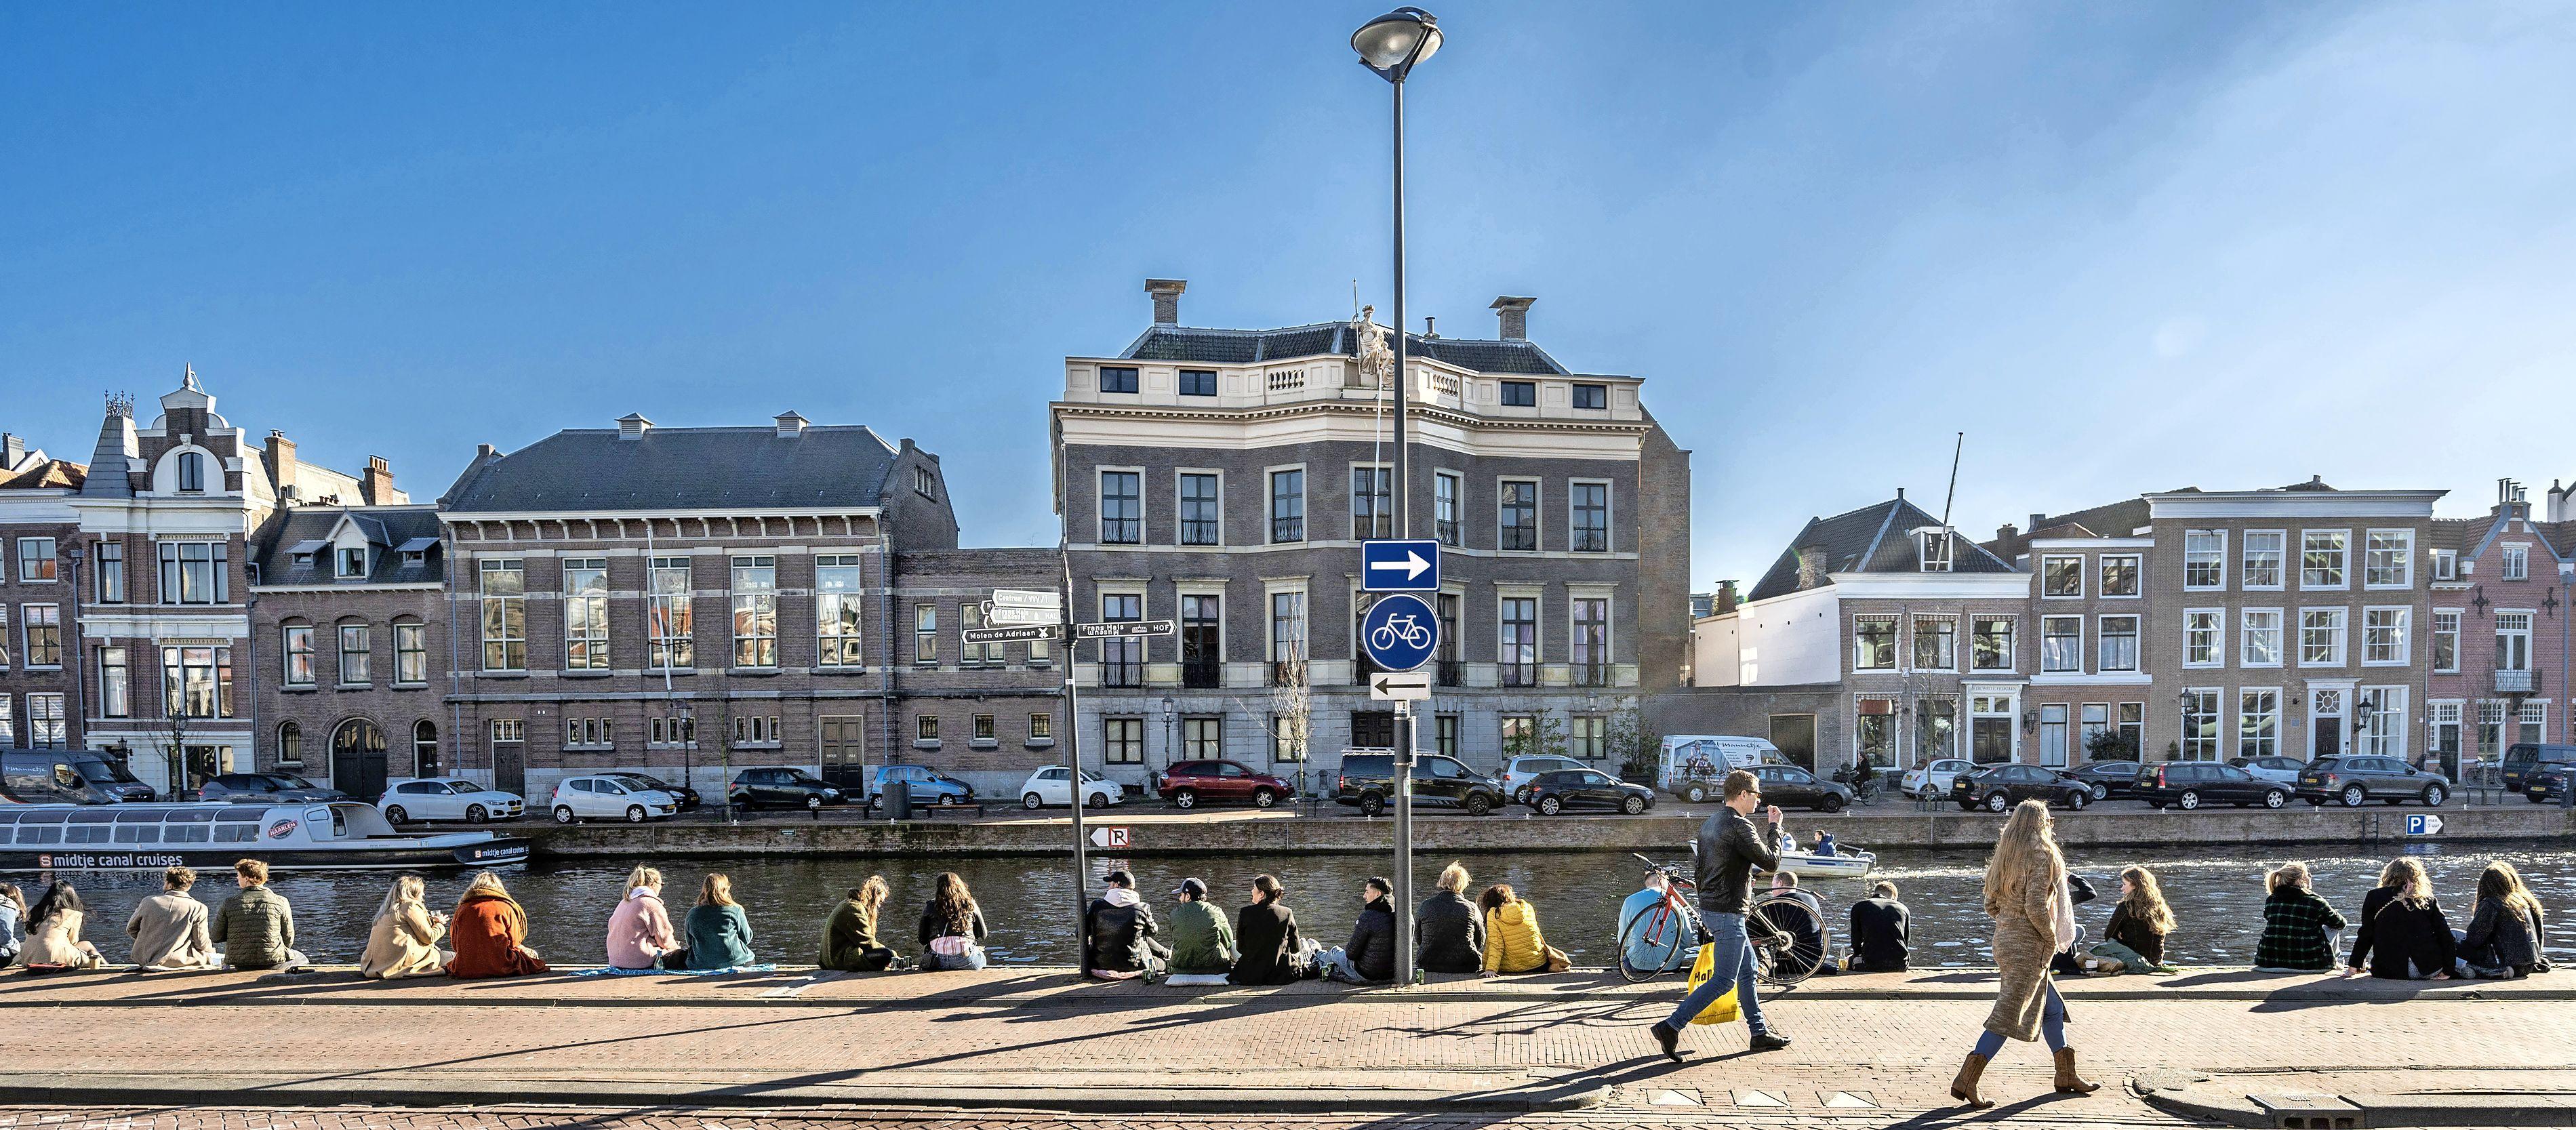 Fotoserie: Zo genoten Haarlemmers van een stralend weekend in de stad